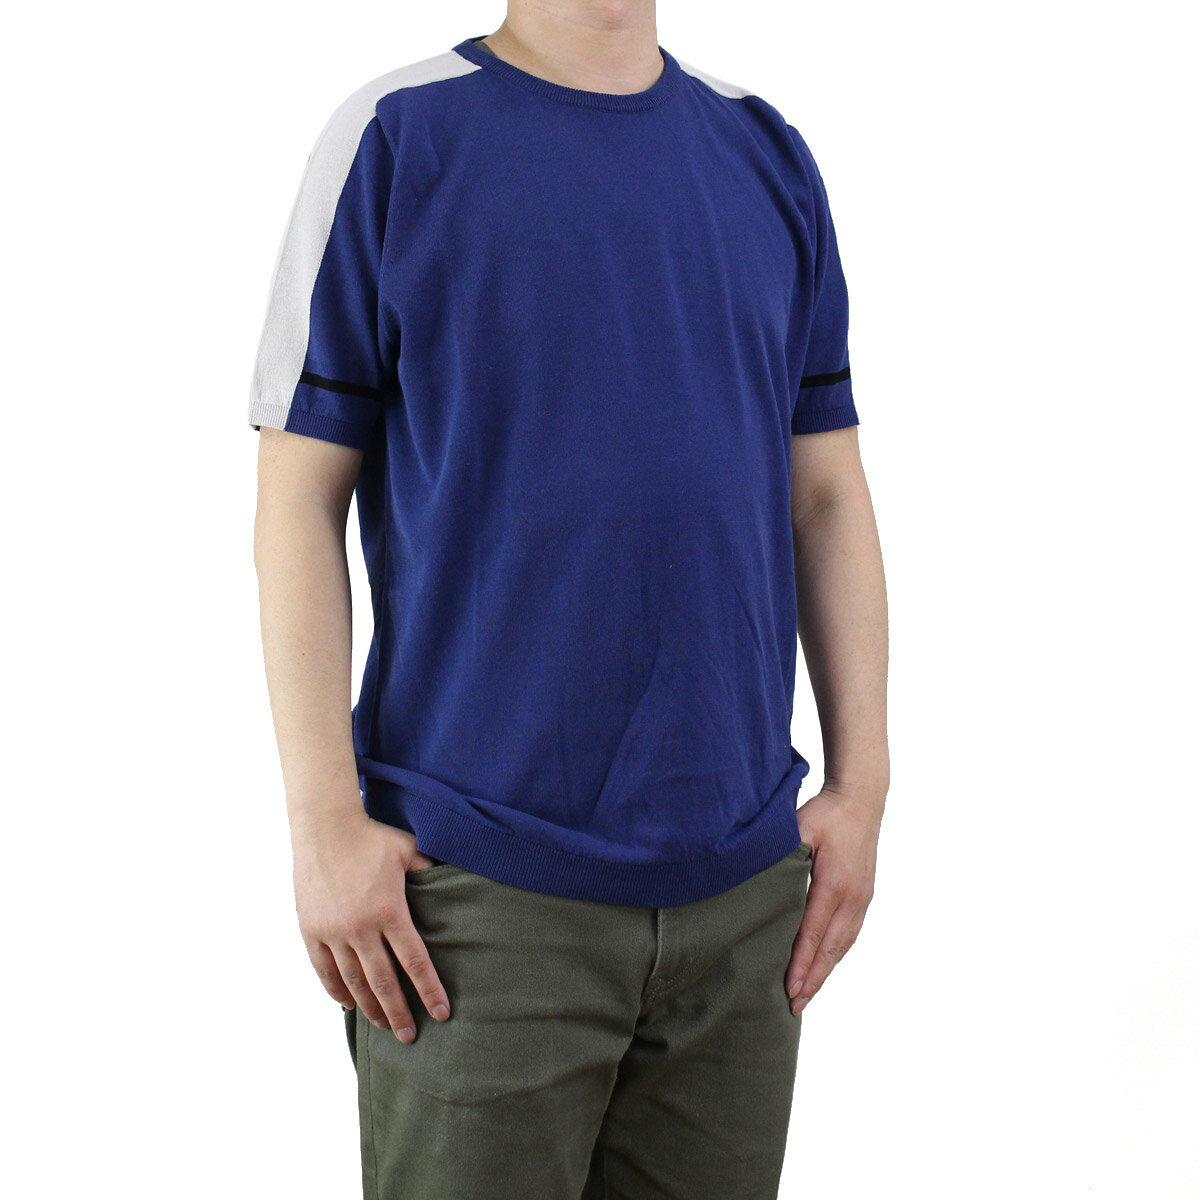 バーク Bark メンズ 半袖 サマー セーター 71B6002 253 BLUE ブルー系